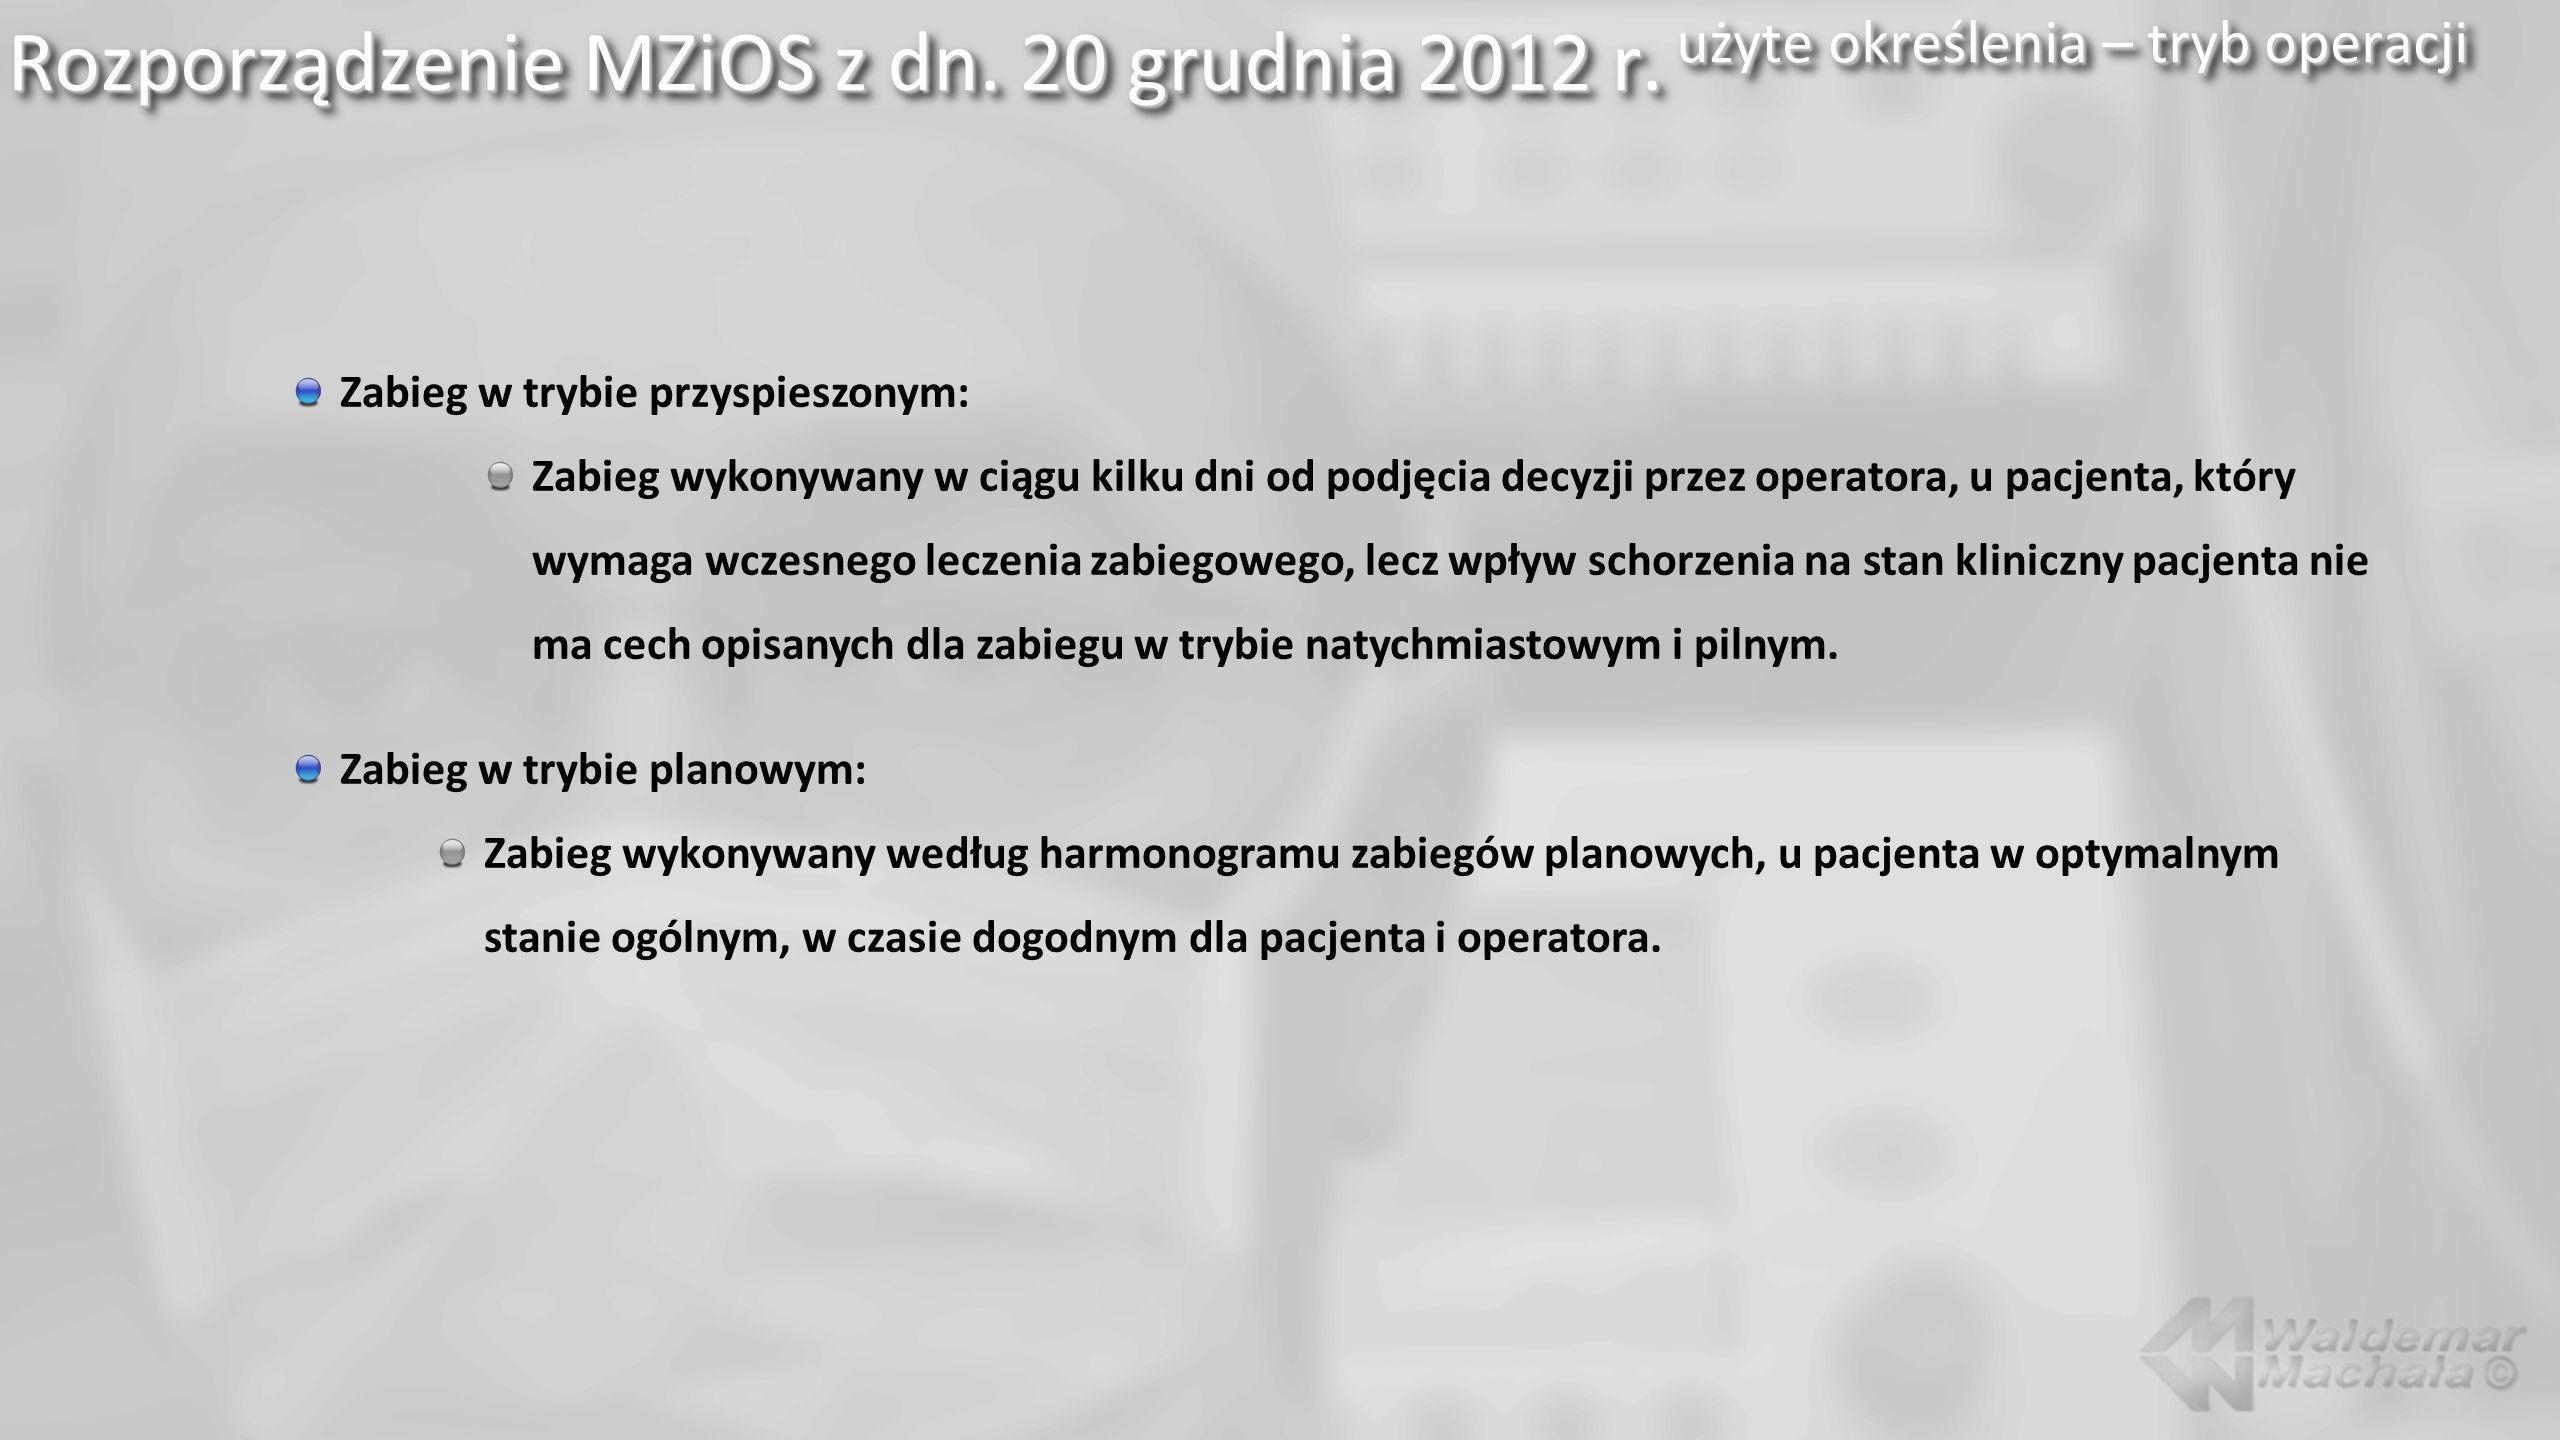 Rozporządzenie MZiOS z dn.20 grudnia 2012 r. kto może wykonywać znieczulenie.